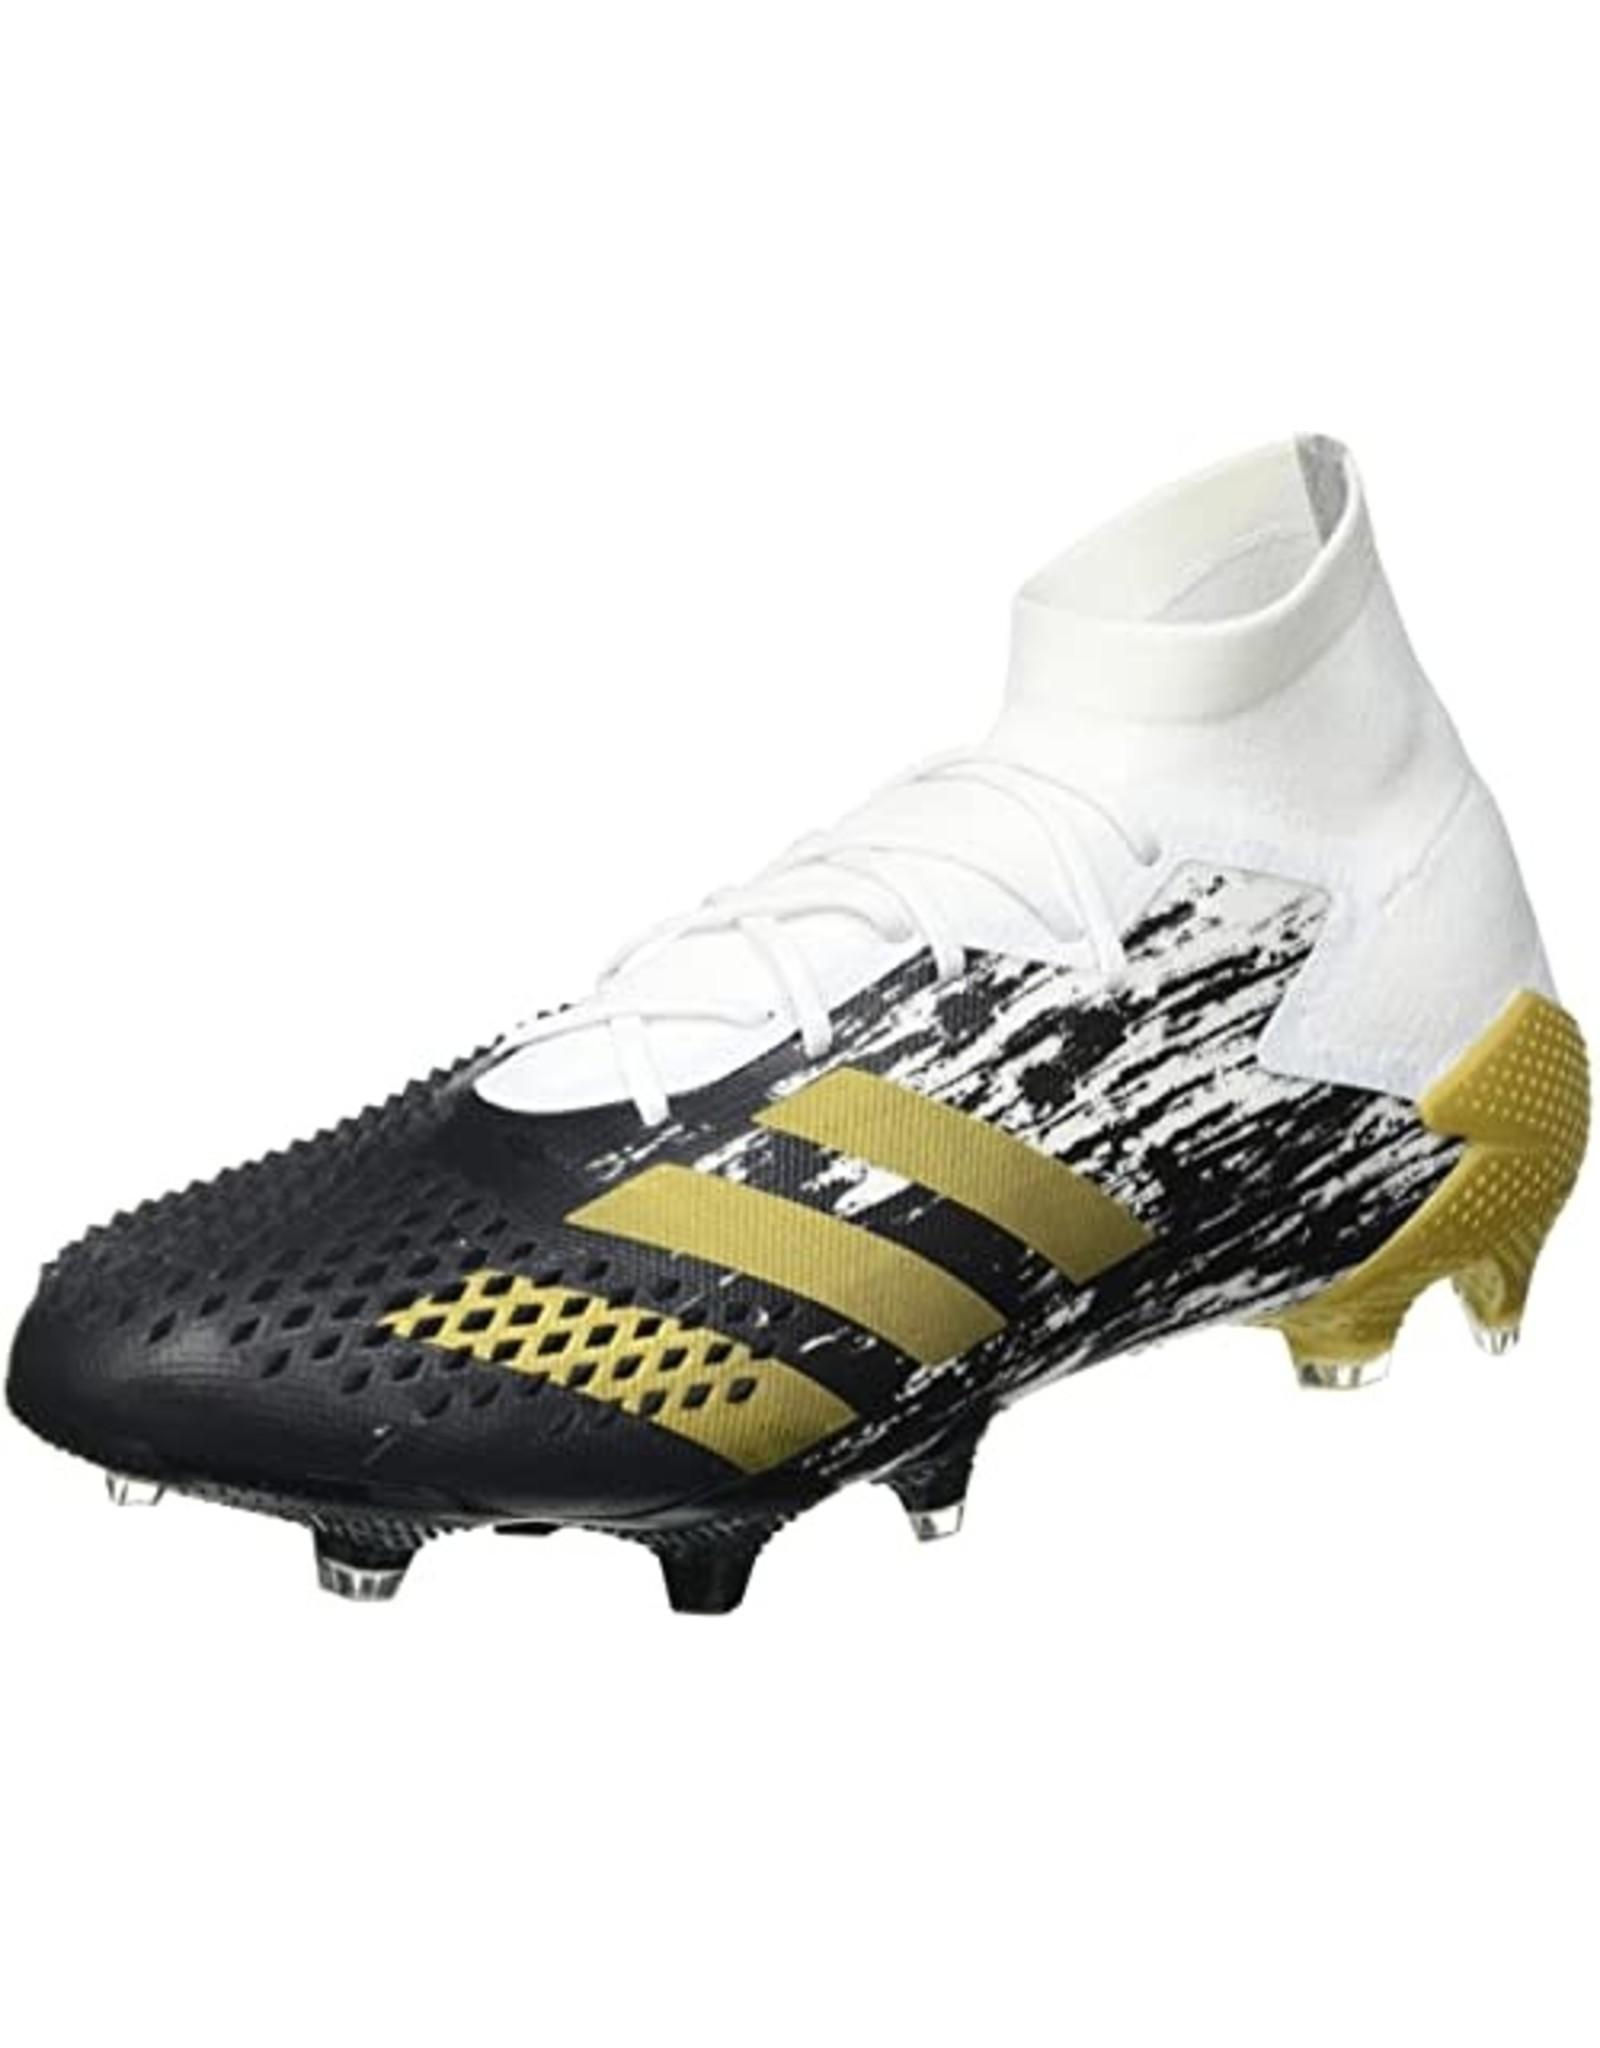 Adidas ADI PRED MUTATOR 20 (FTWWHT/GOLDMT/CBLACK)